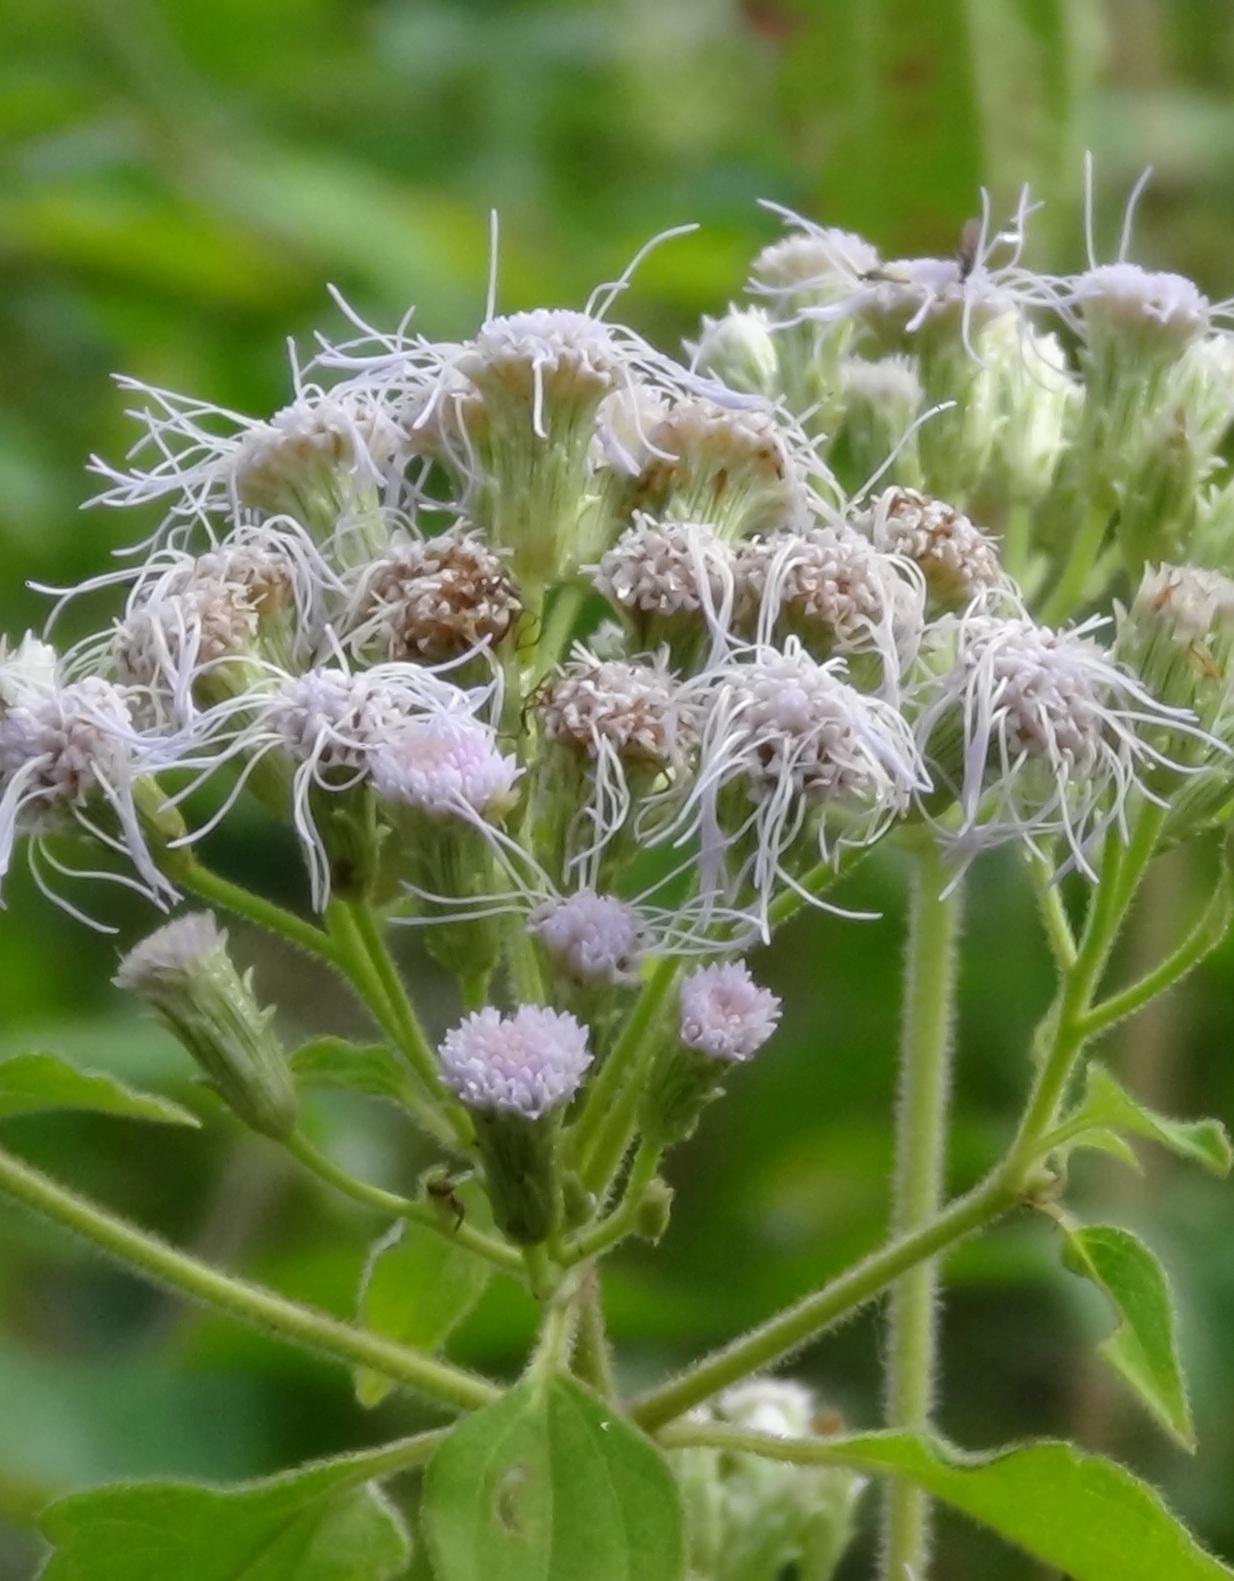 Siam weed flower